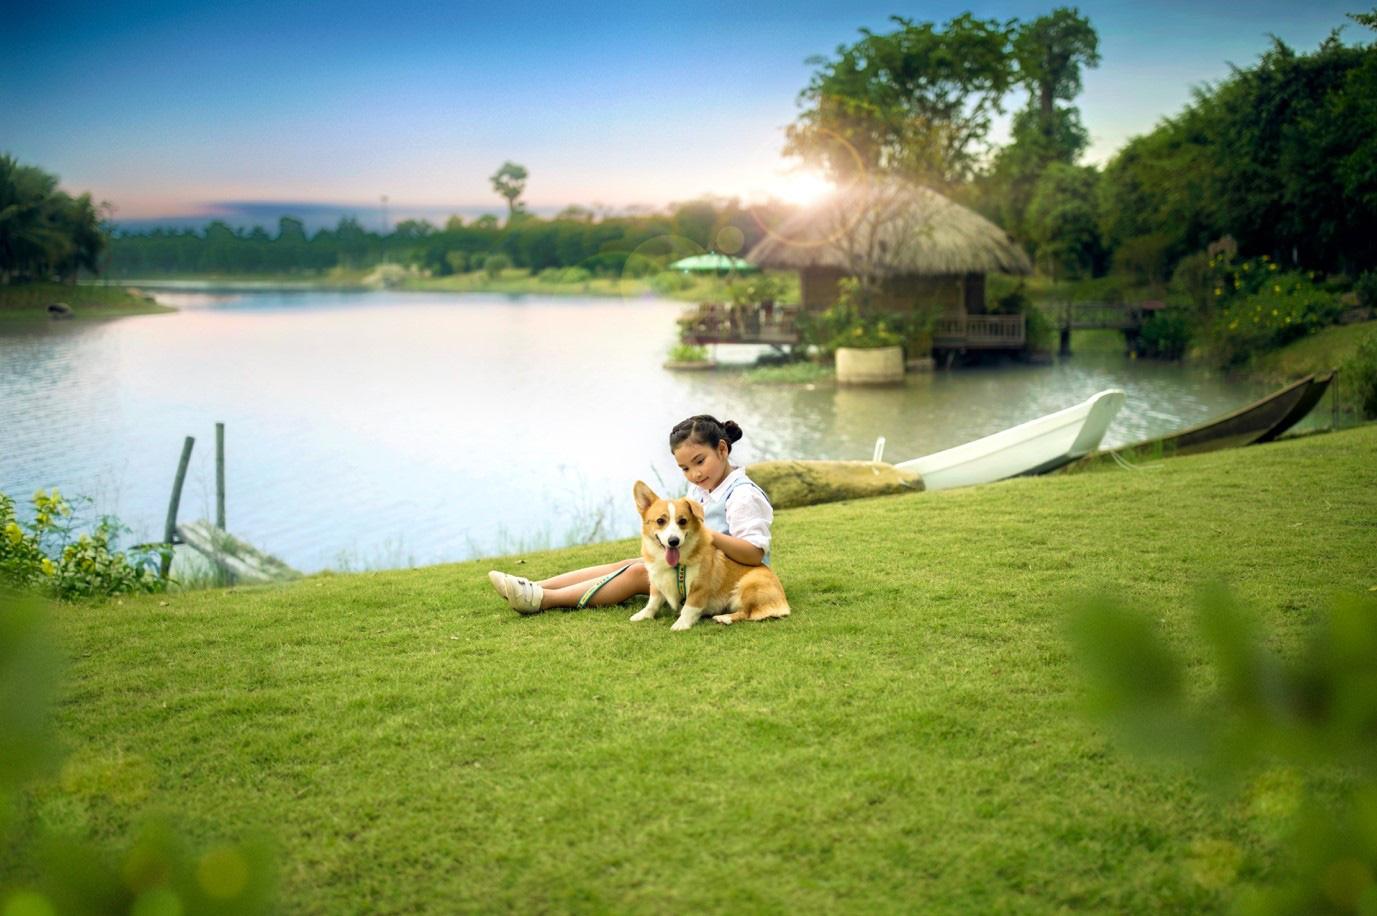 Đông Hà Nội có khu đô thị sở hữu thiết kế cảnh quan đẹp nhất thế giới - Ảnh 6.